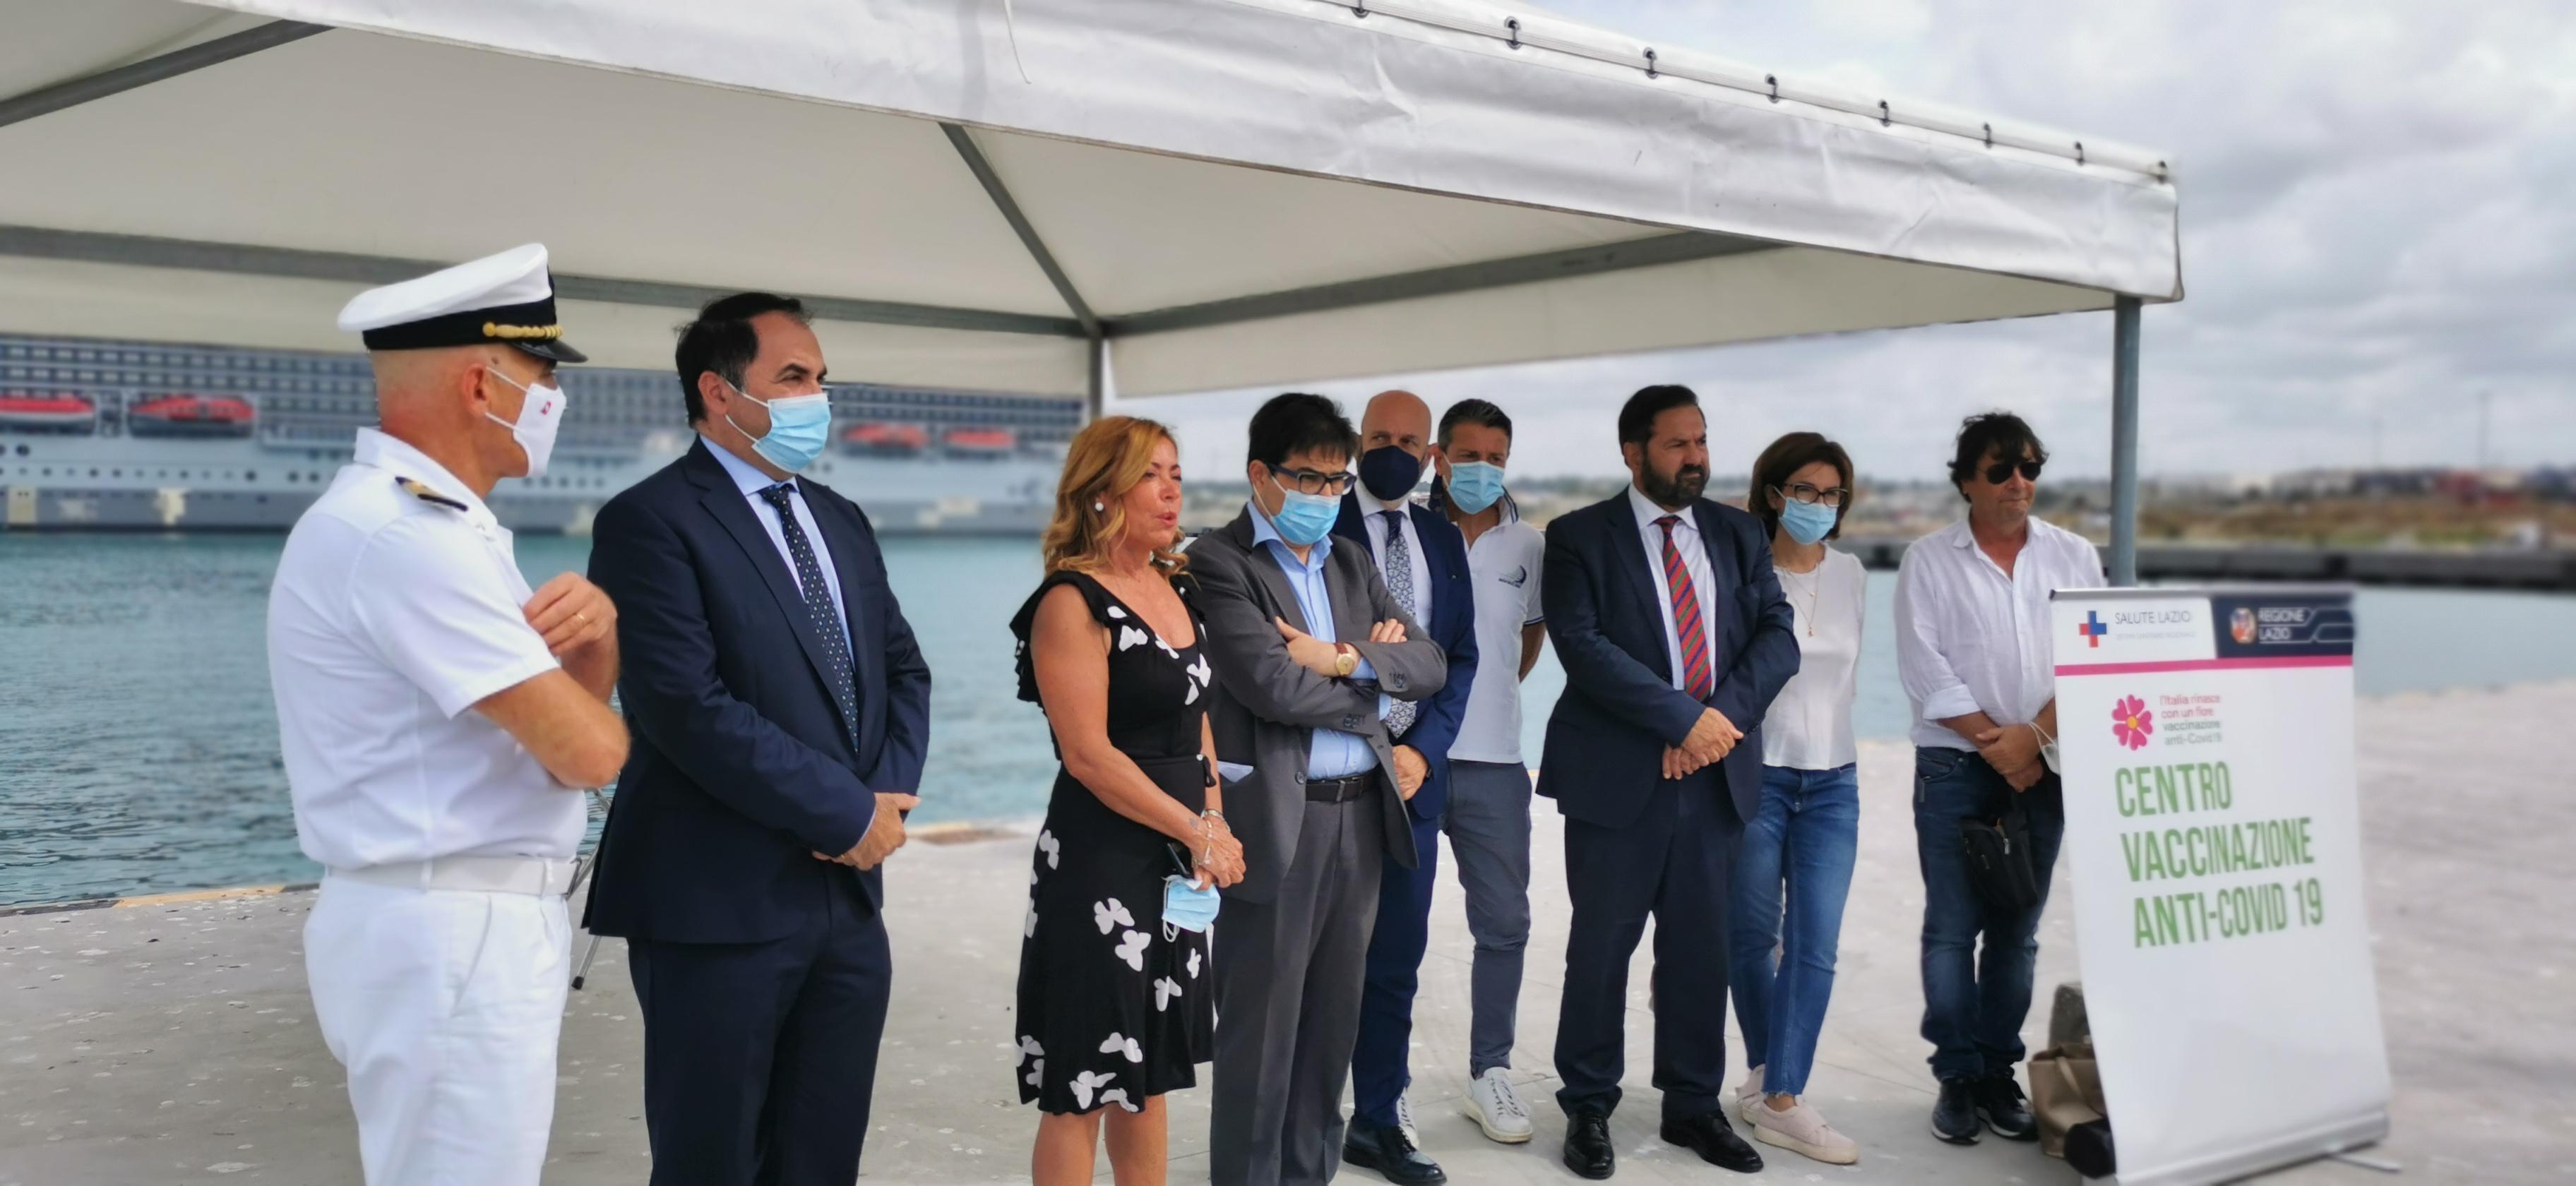 Covid 19. Vaccini a bordo per i marittimi delle navi da crociera nel porto di Civitavecchia